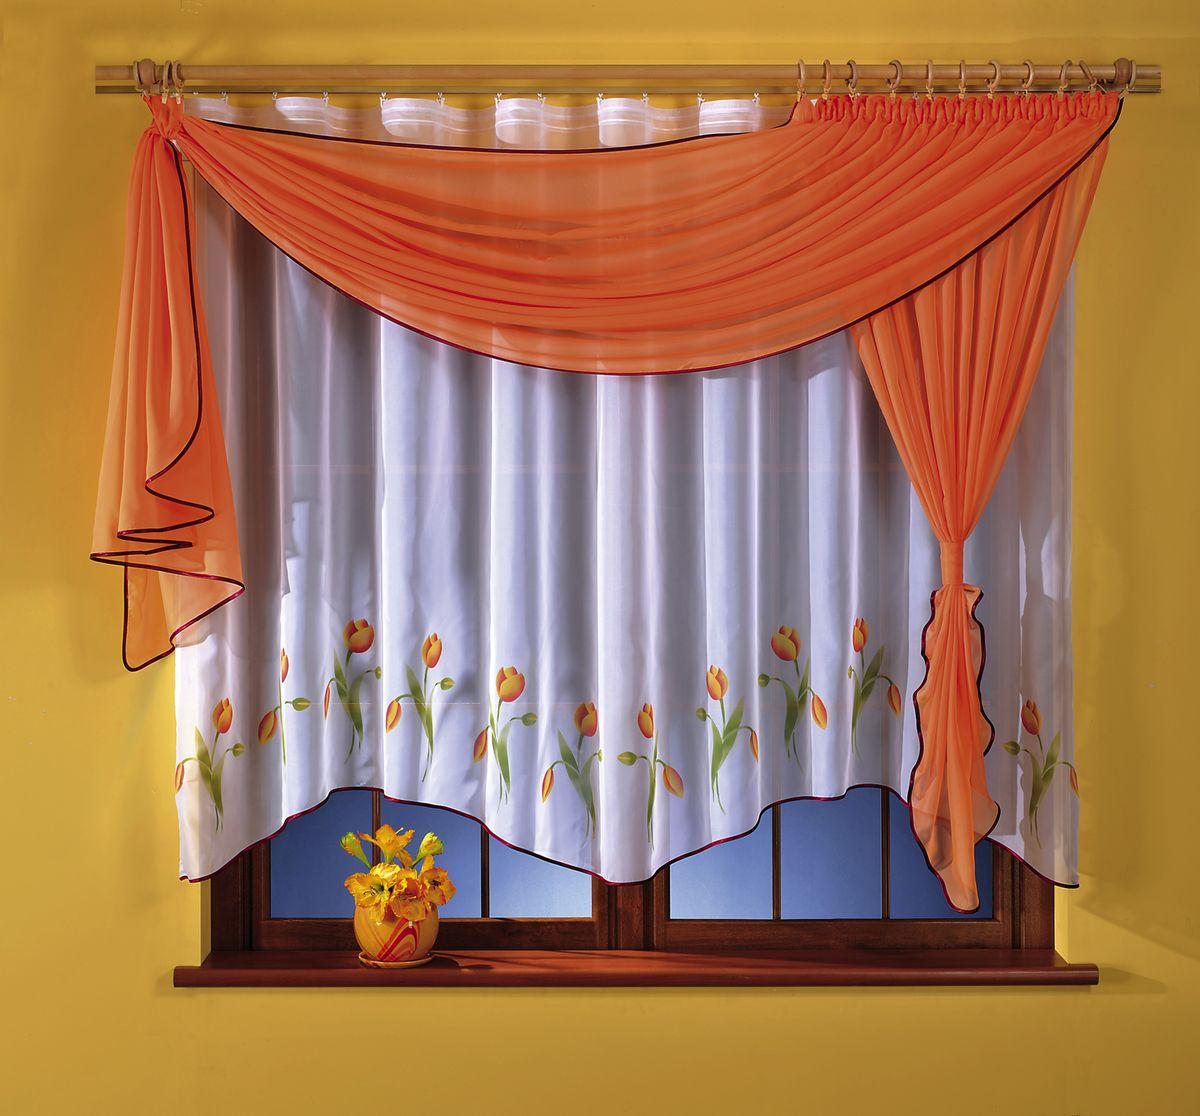 Комплект штор для кухни Wisan Marzenka, на ленте, цвет: белый, оранжевый, высота 180 см шторы интерьерные wisan комплект штор для кухни